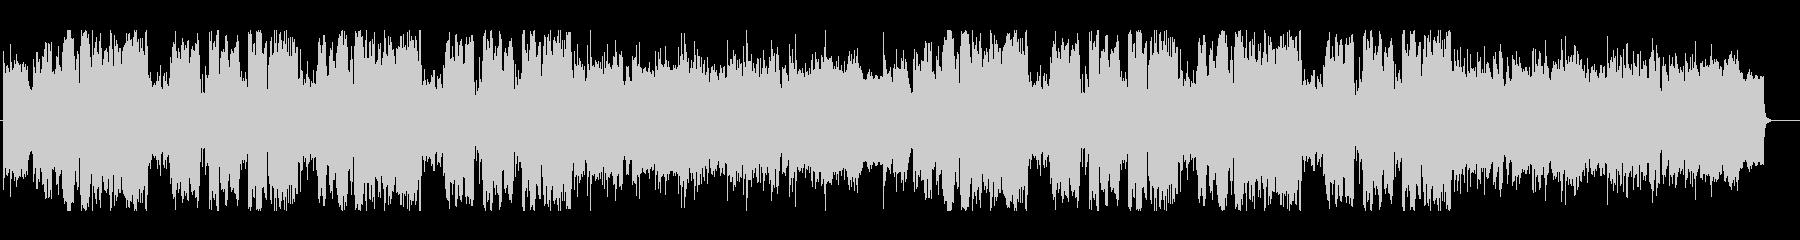 トランペットとアコギの牧歌的な三拍子の曲の未再生の波形